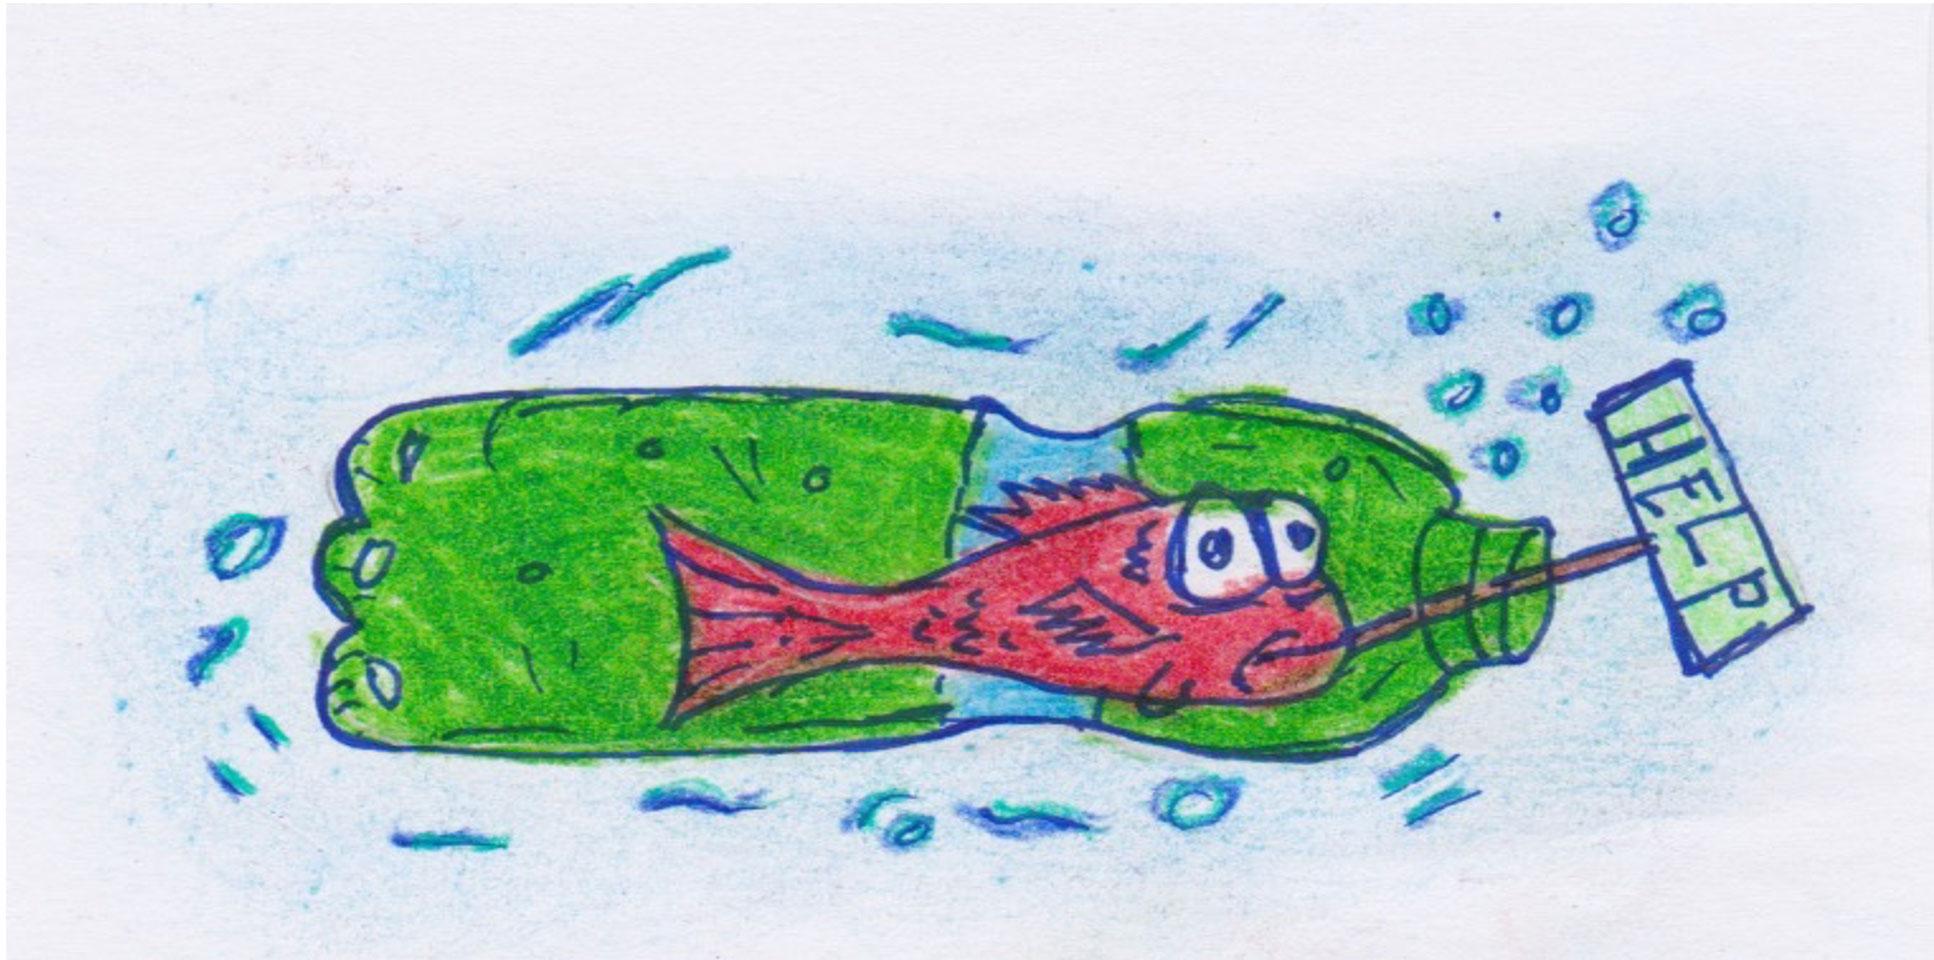 """Il disegno raffigura un pesce spaventato, rimasto intrappolato in una bottiglia di plastica, che tiene in bocca un cartello con la scritta """"HELP"""""""